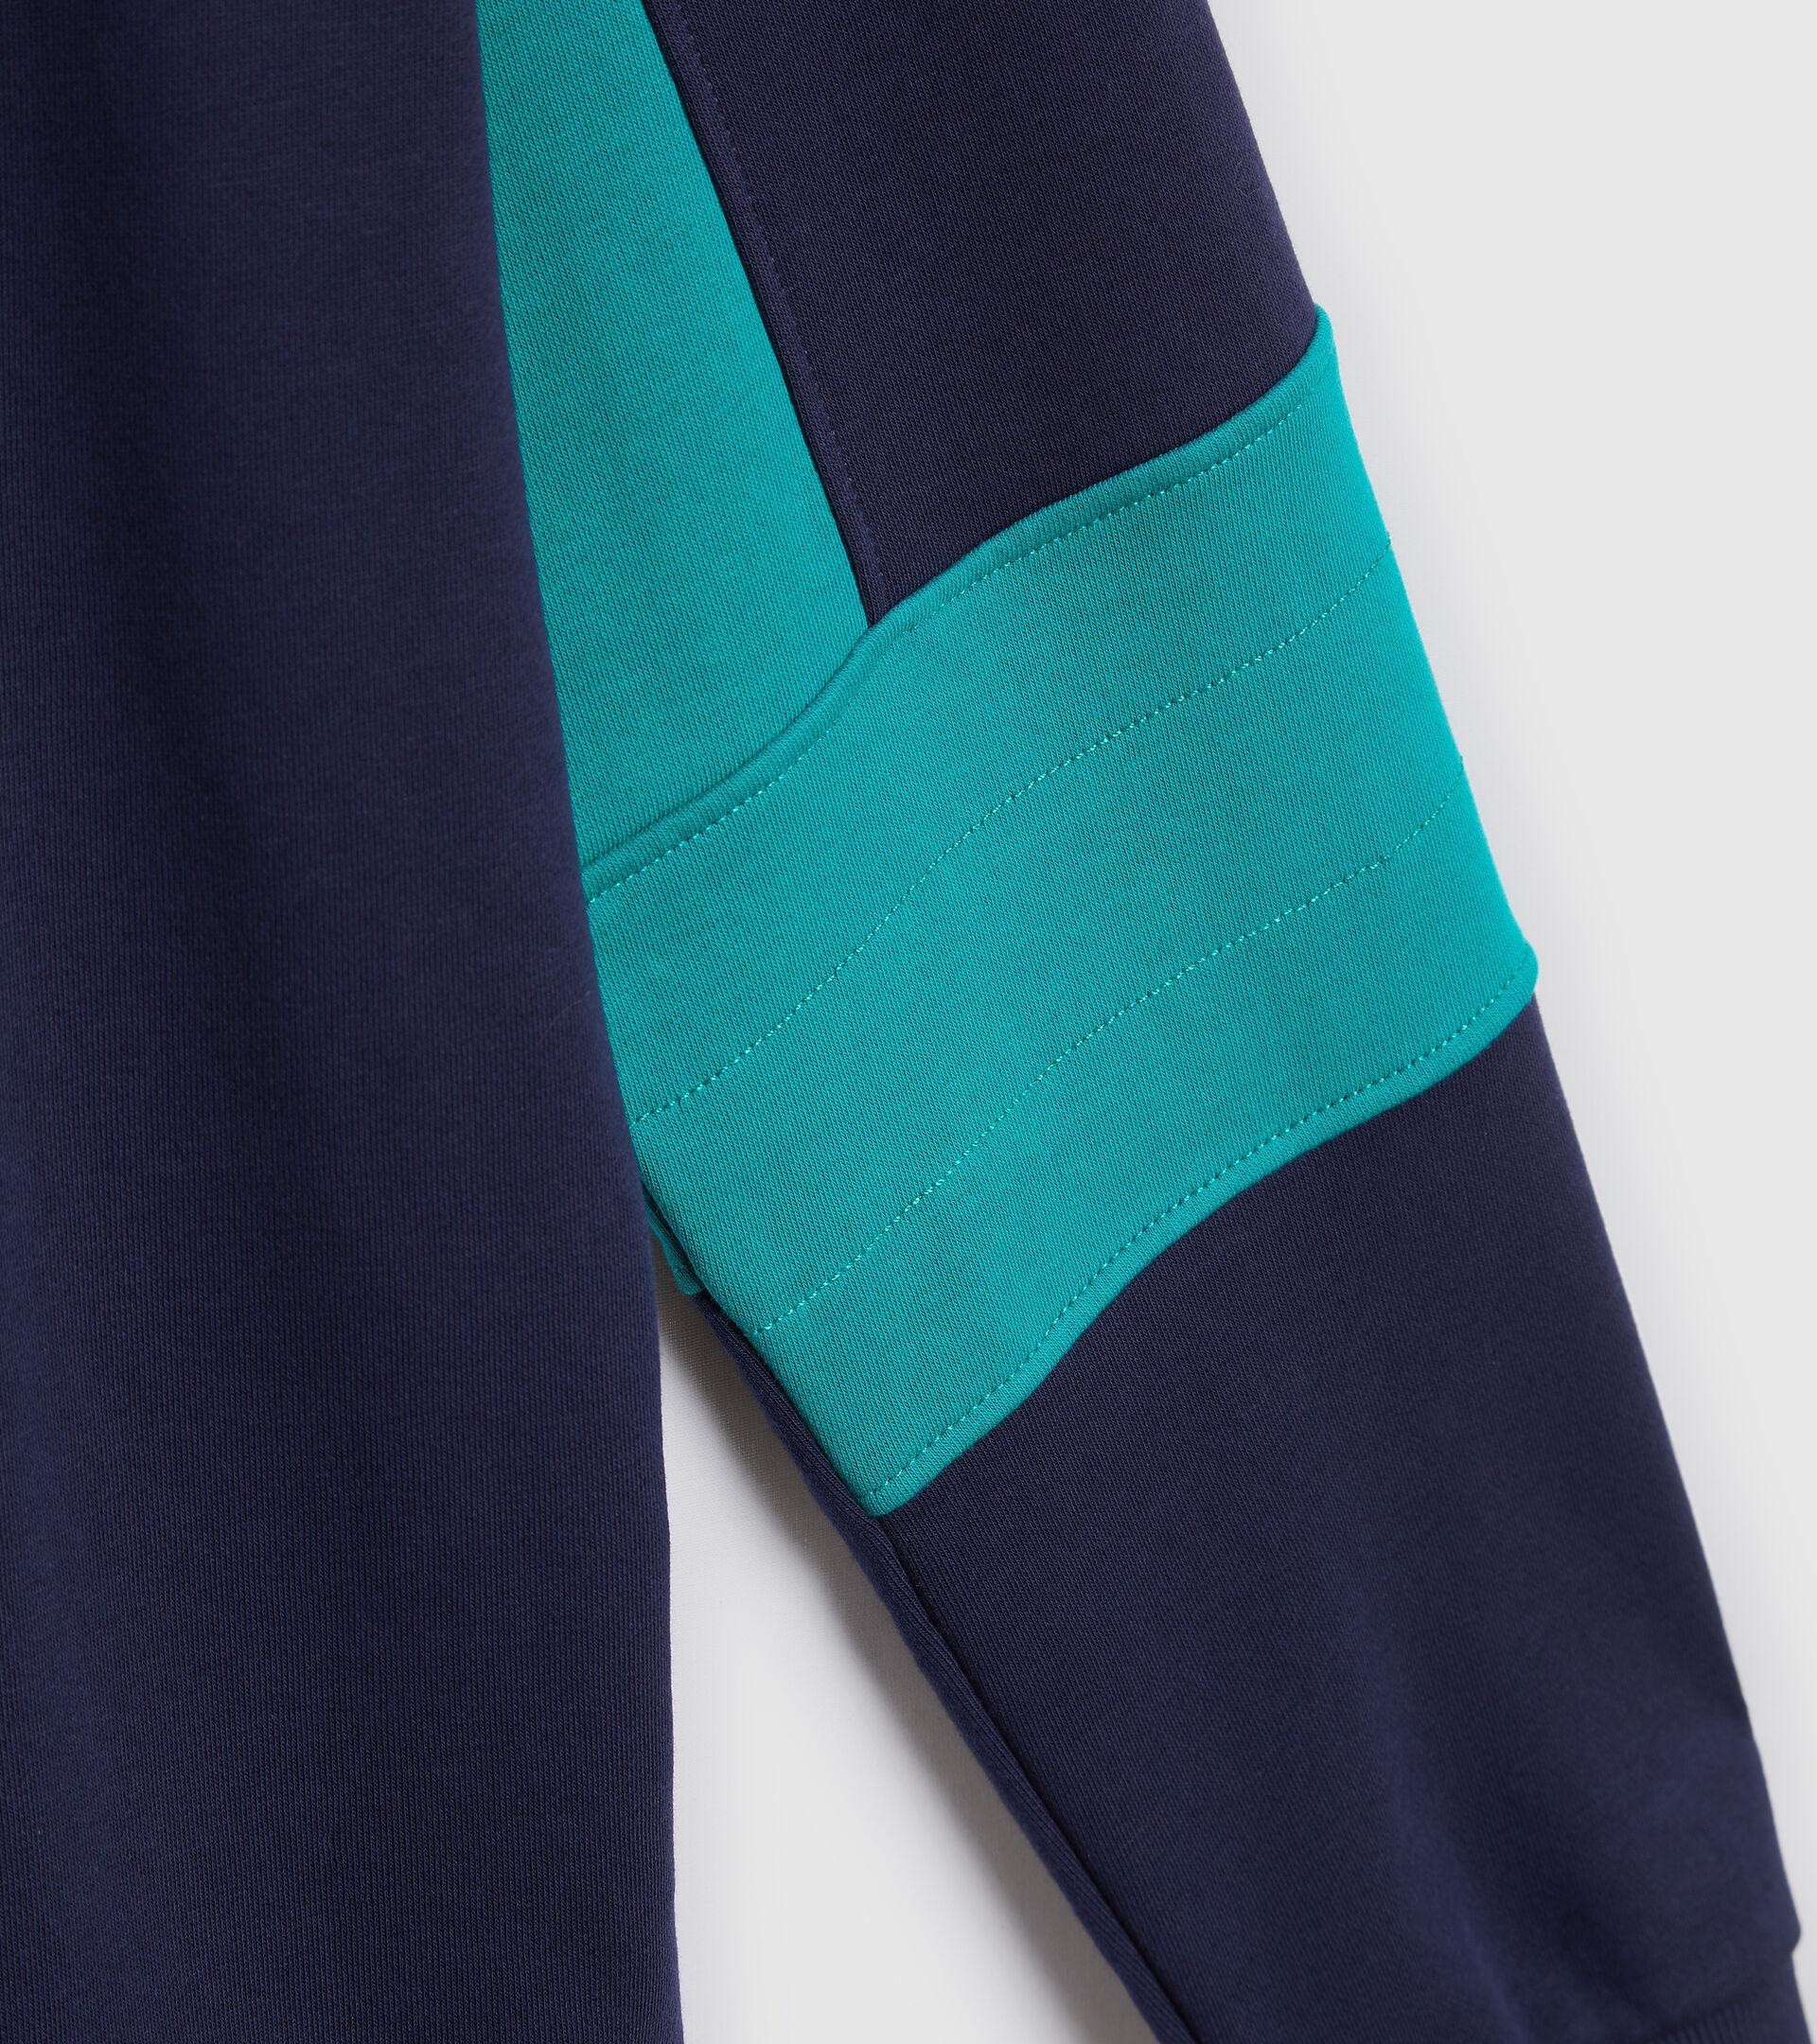 Sweater mit Rundhalsausschnitt - Herren SWEATSHIRT CREW SHIELD CABAN BLAU - Diadora